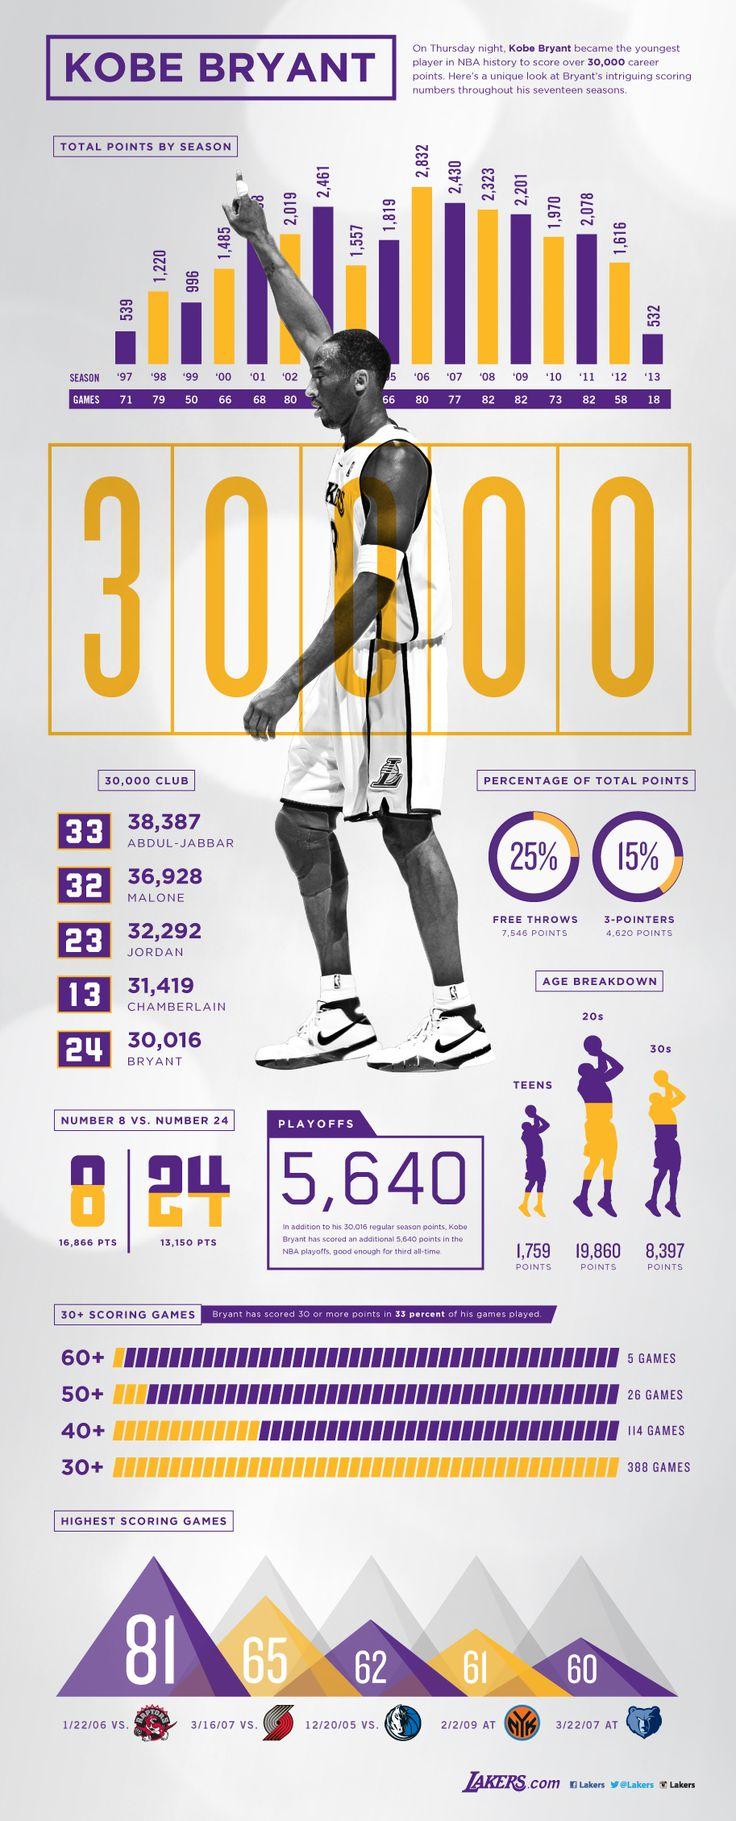 Kobe Bryant's 30,000 points #nba